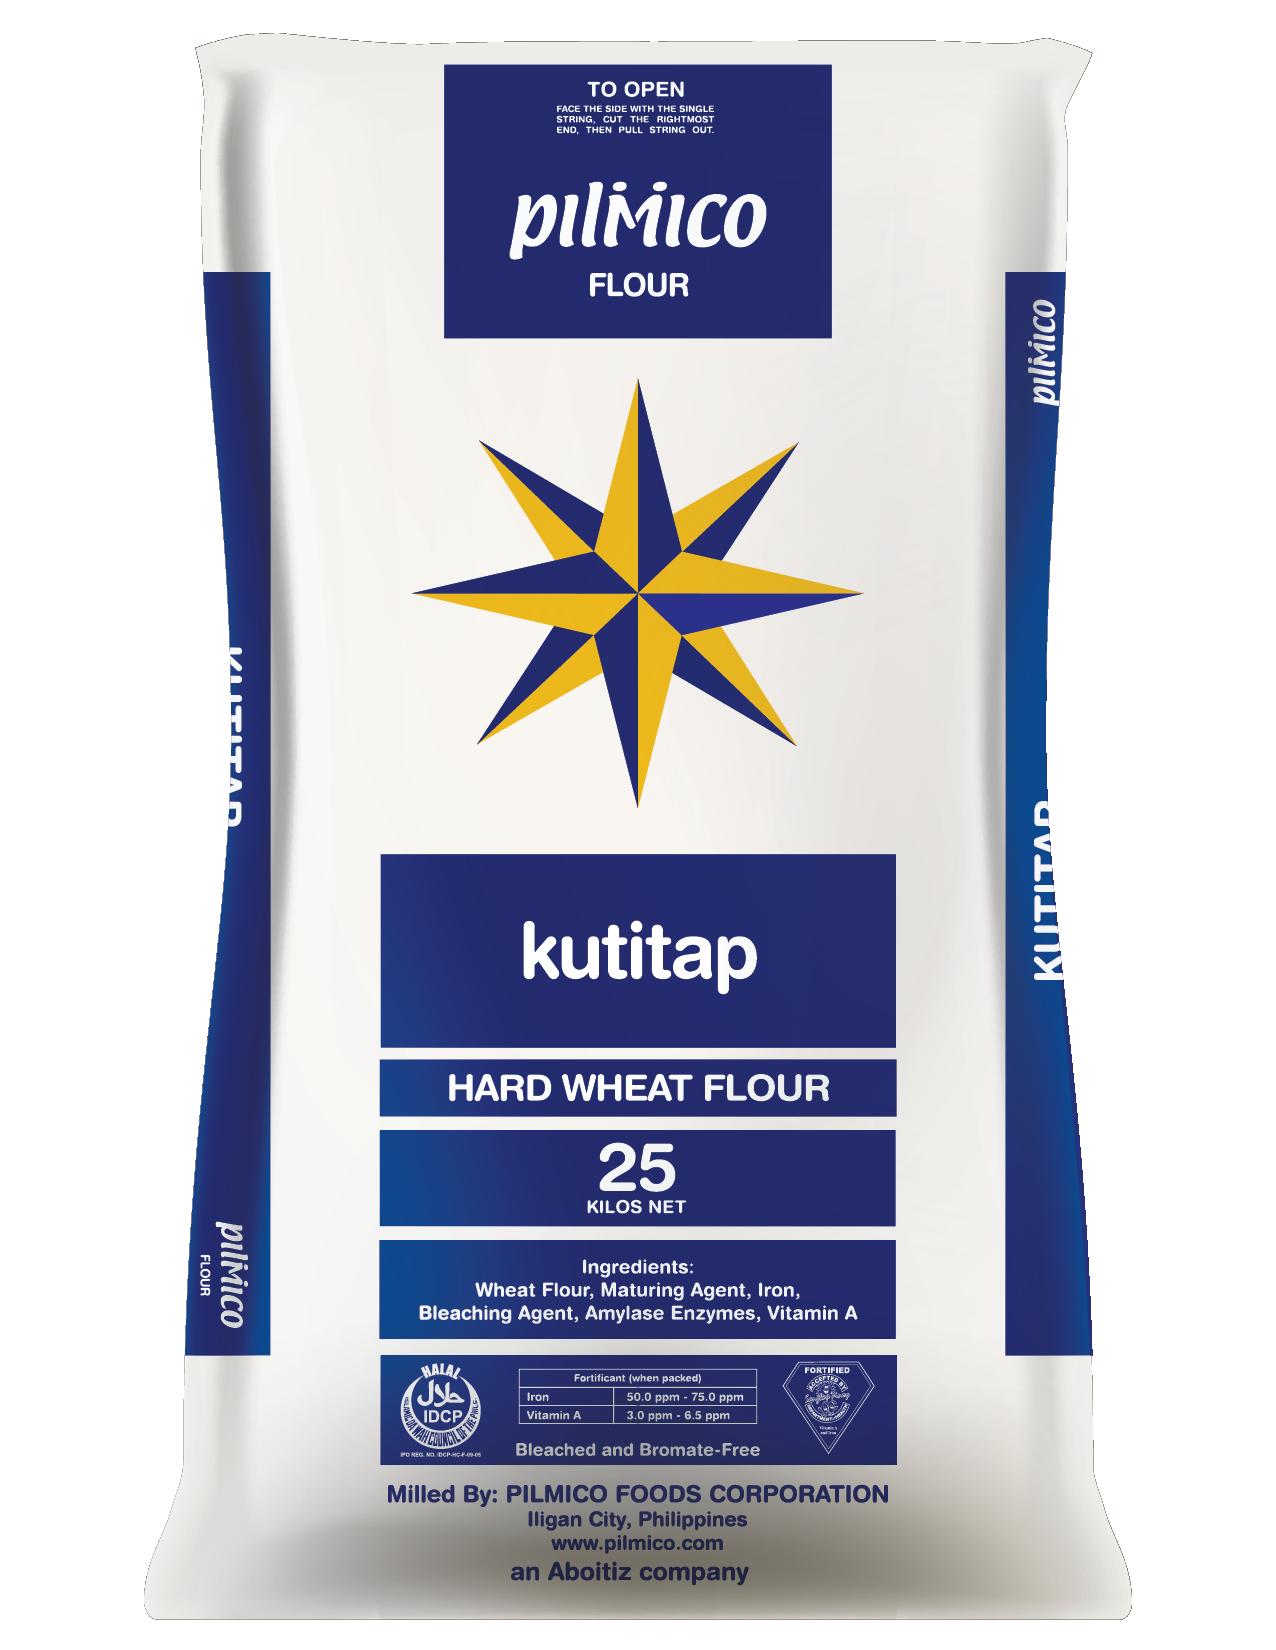 Pilmico Flour Sack 2018 - Kutitap Hard Wheat Flour